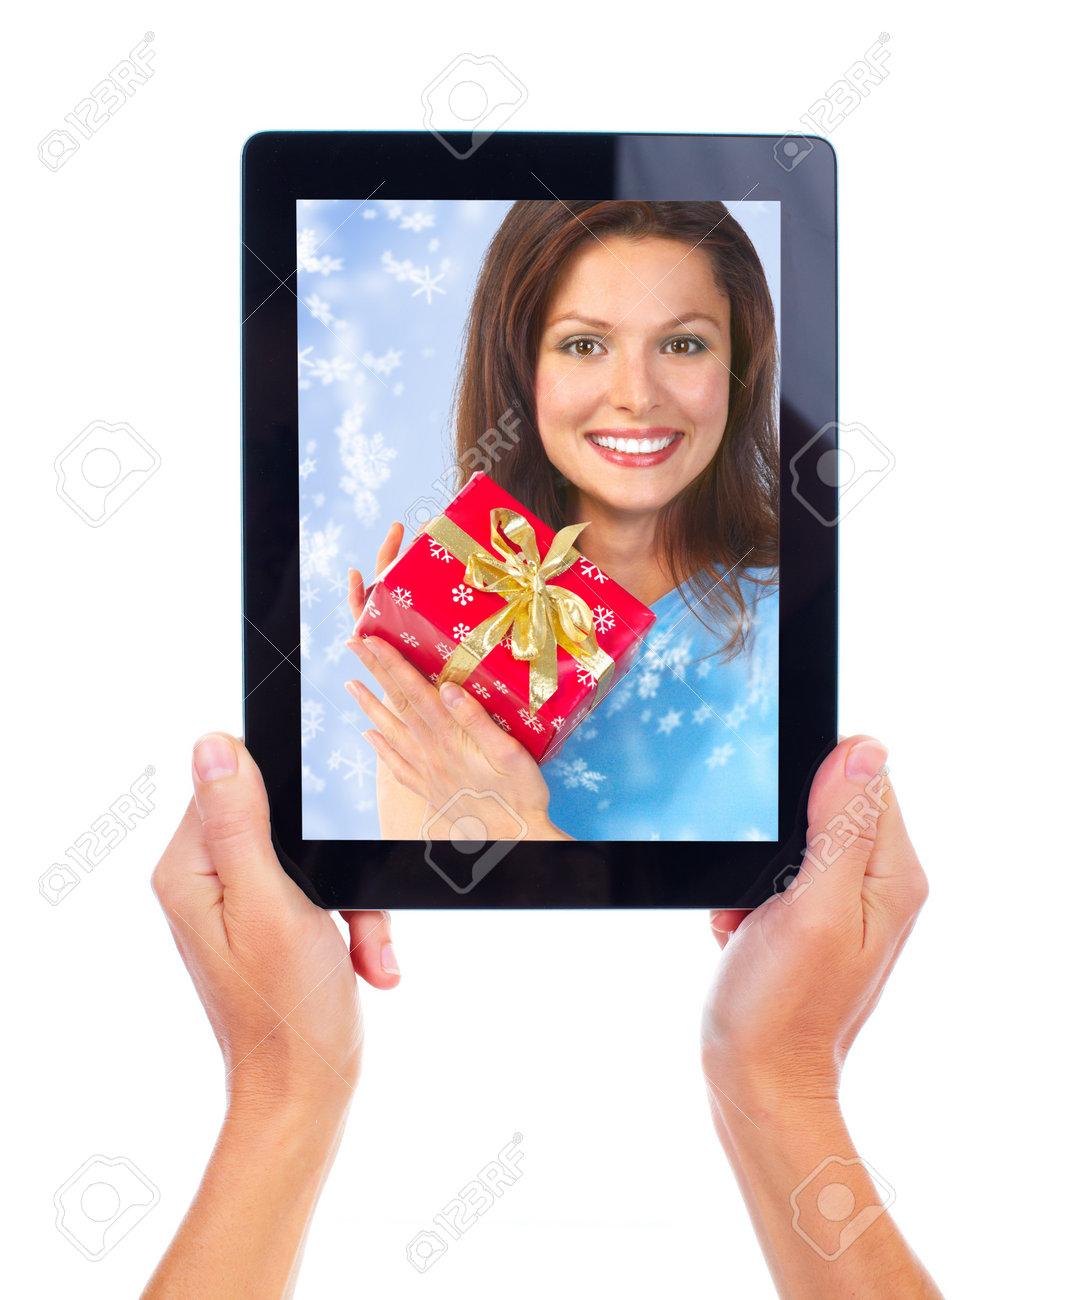 Tablet computer and Christmas girl. Stock Photo - 11478506